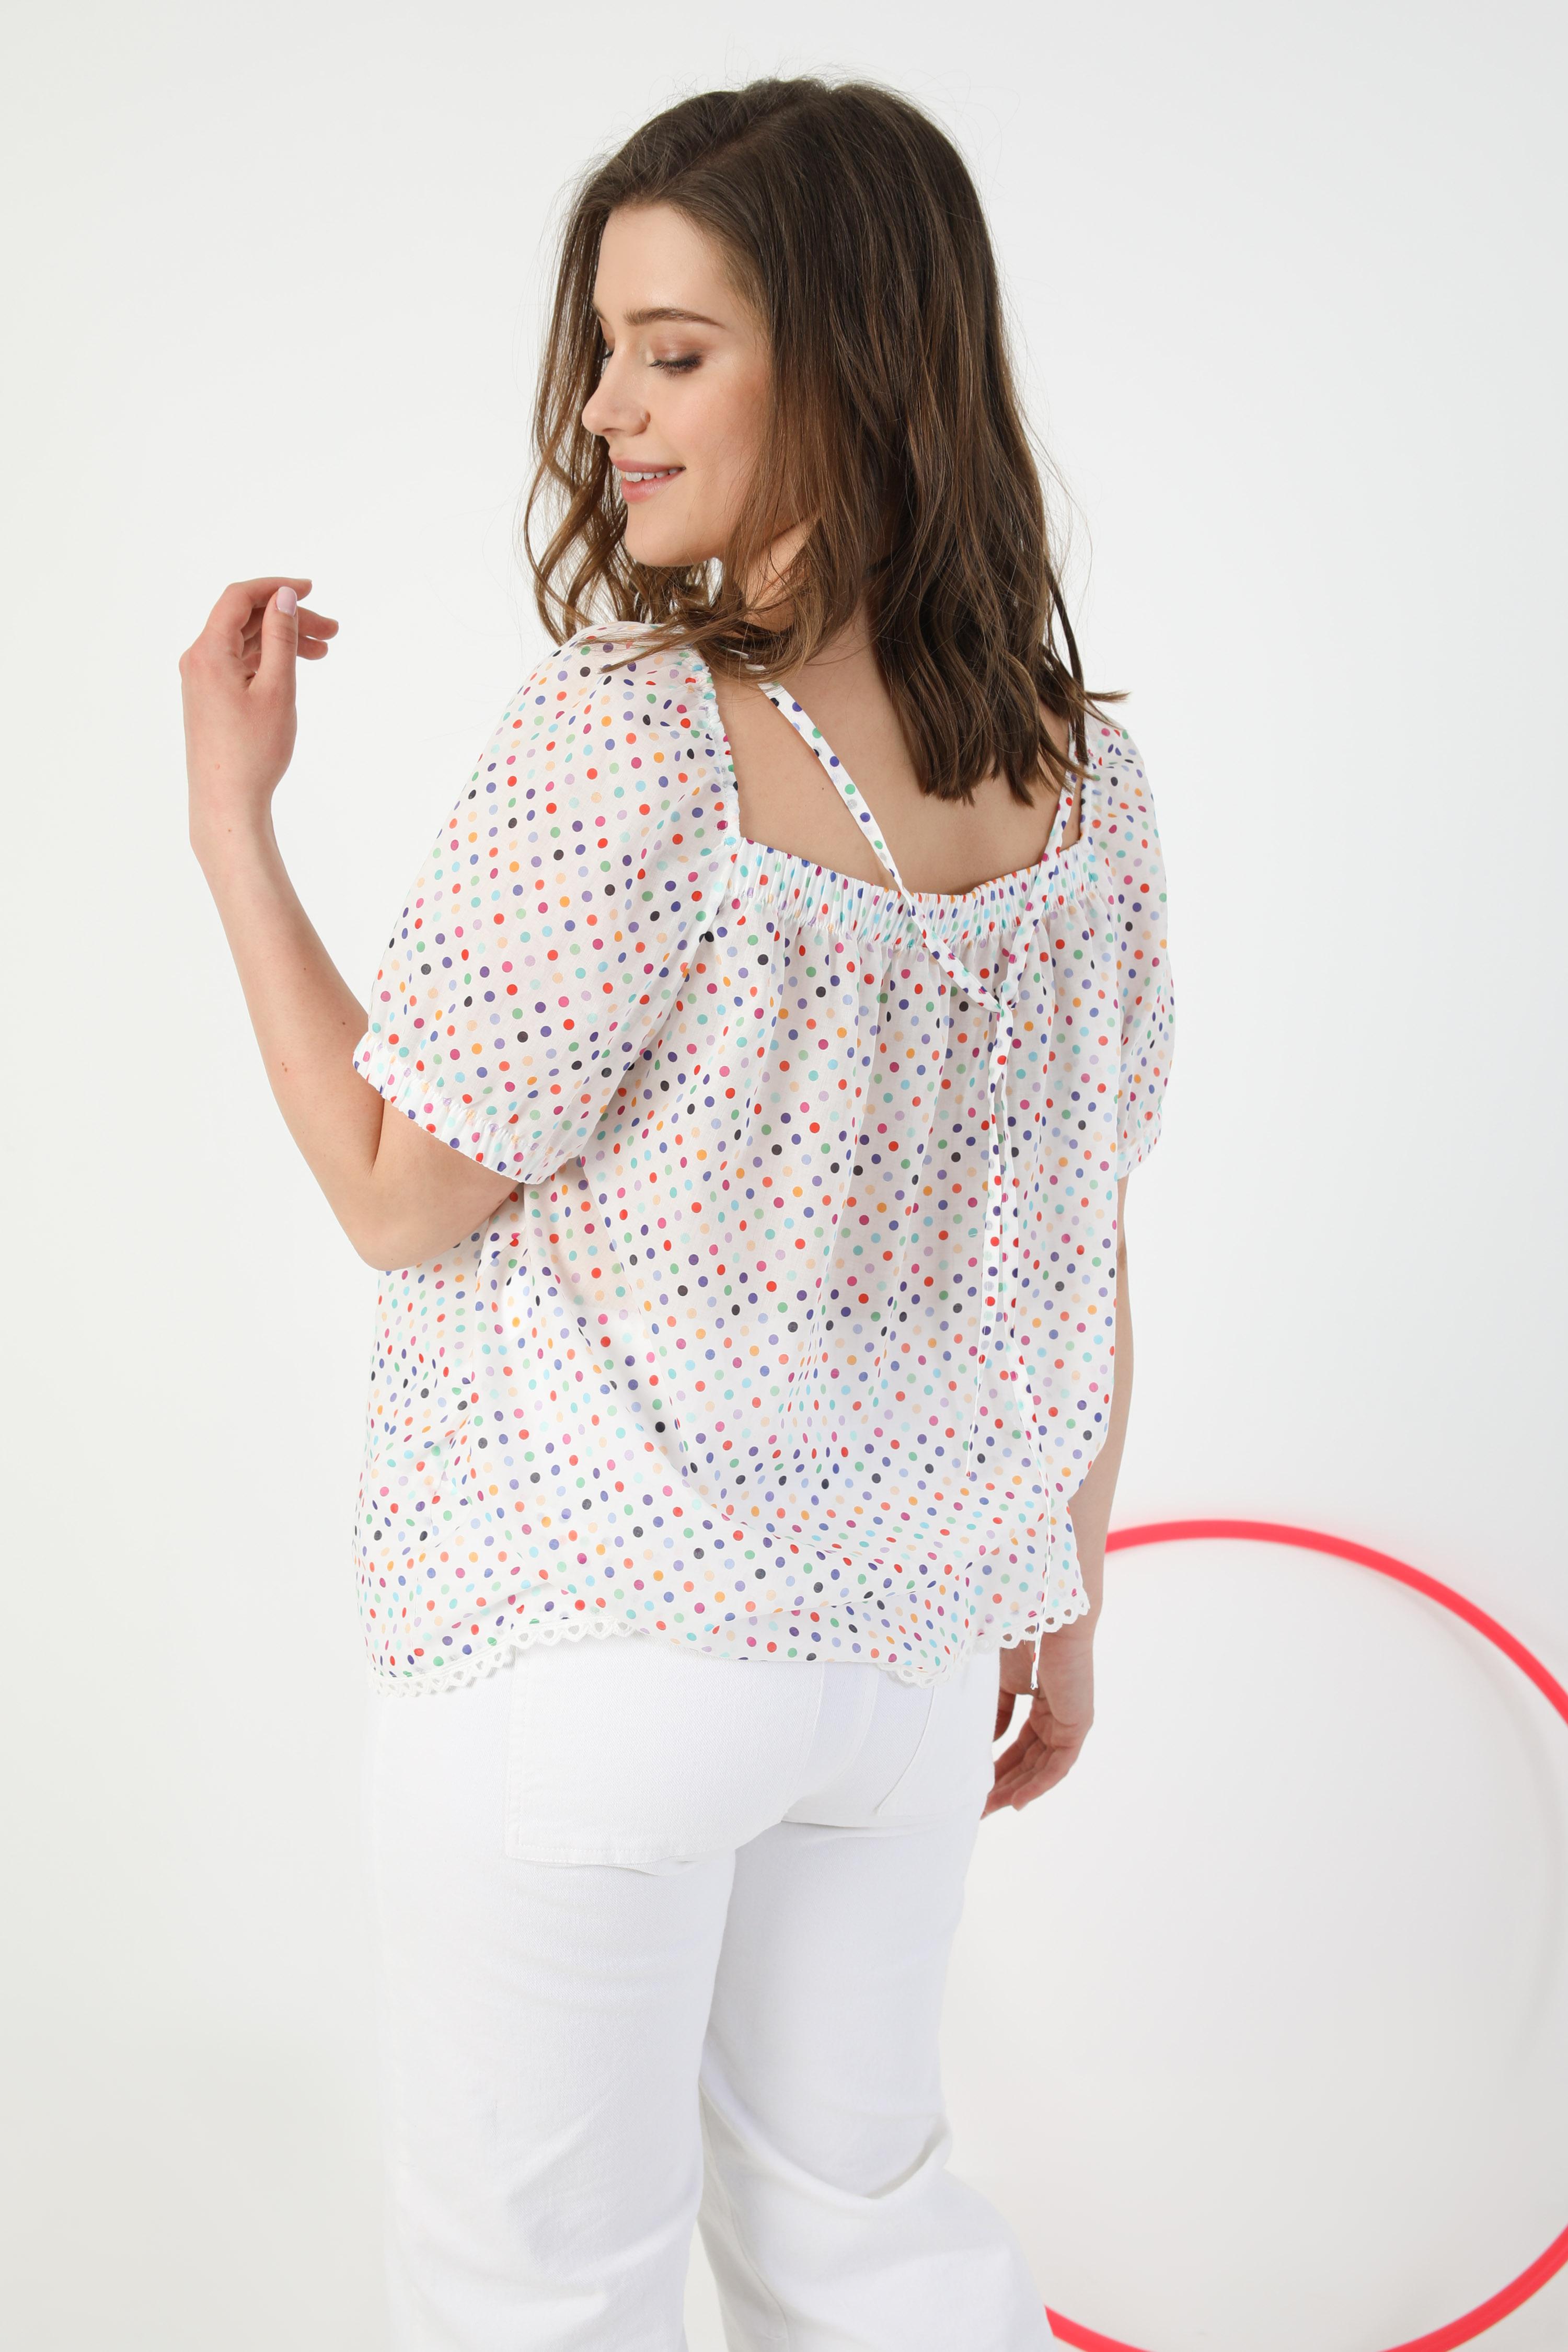 Polka-dot cotton veil blouse (shipping May 5/10)